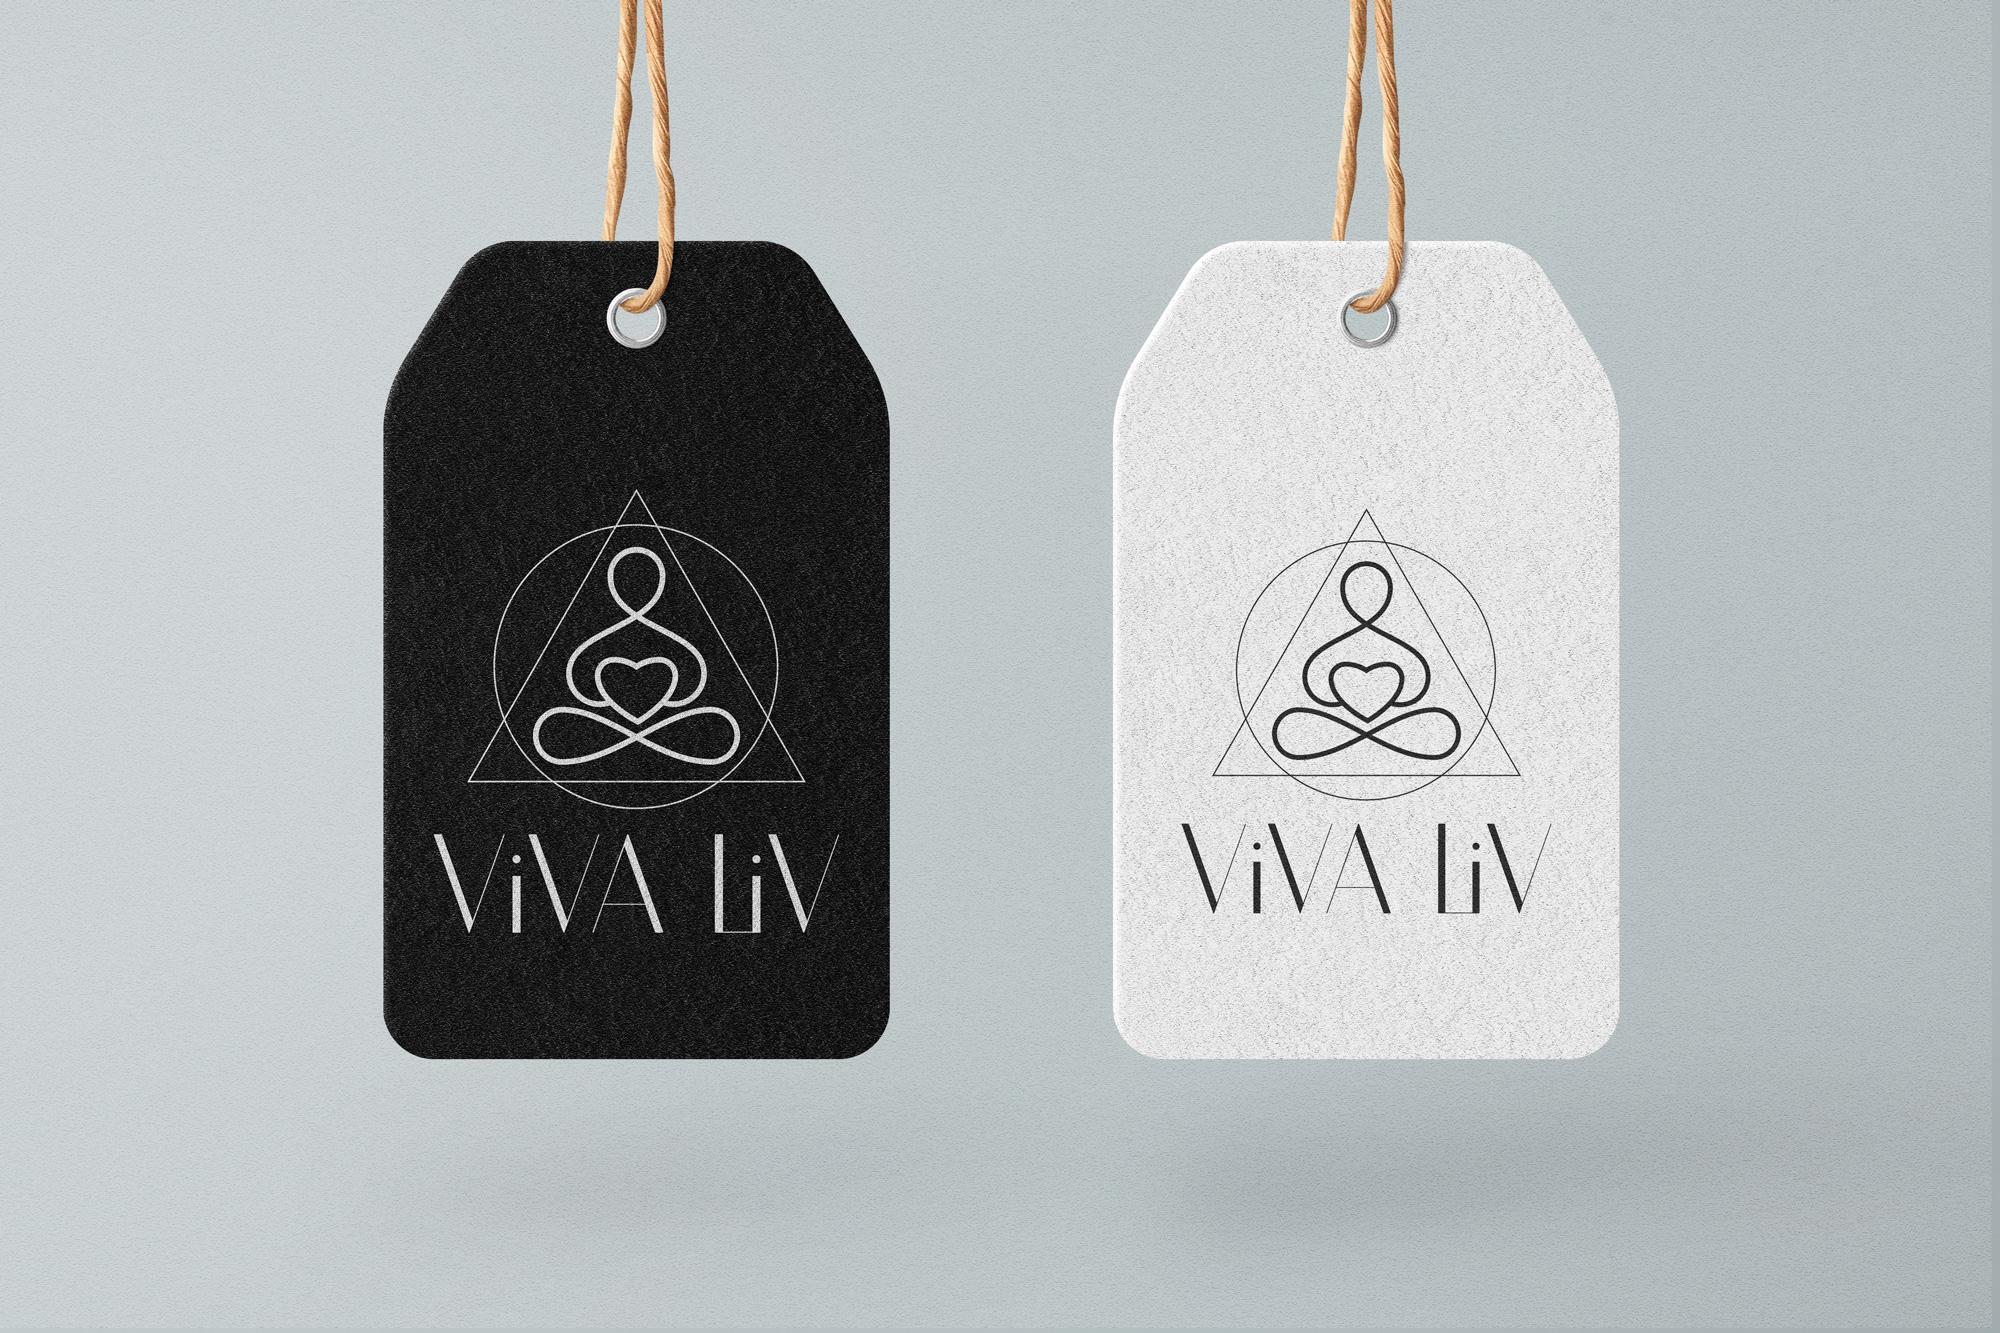 разработка логотипа йога бренд одежды